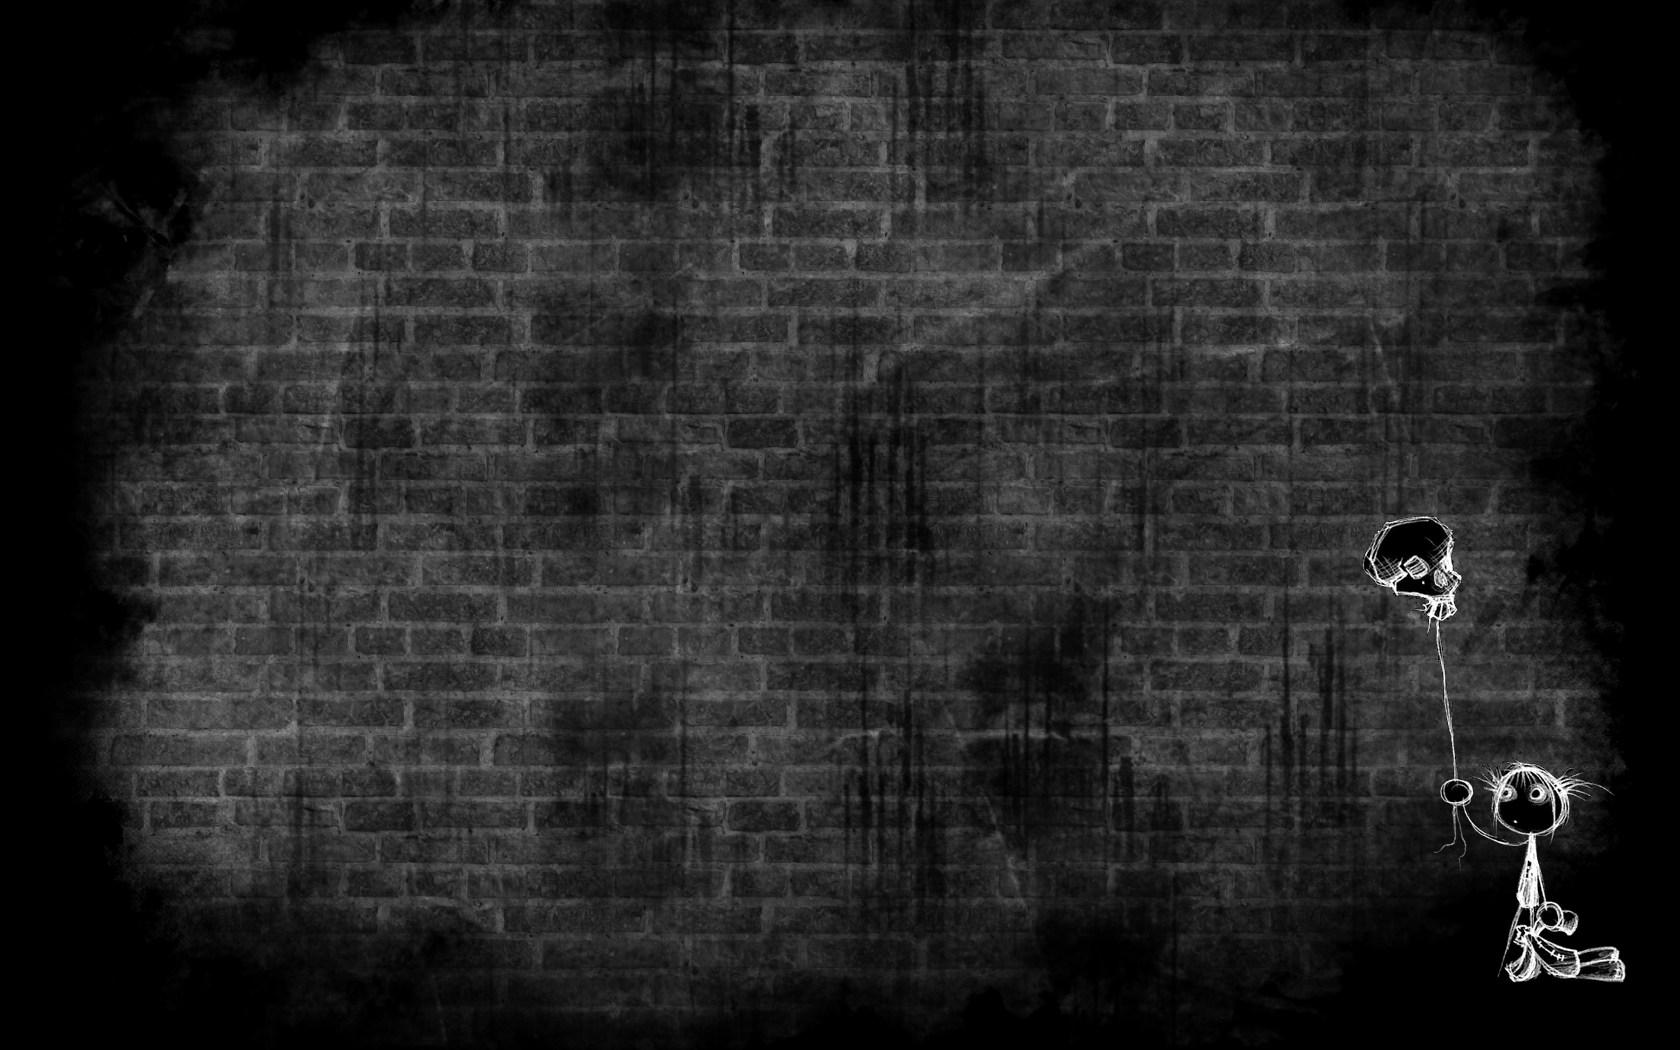 desktop wallpapers creative wallpaper 1680x1050